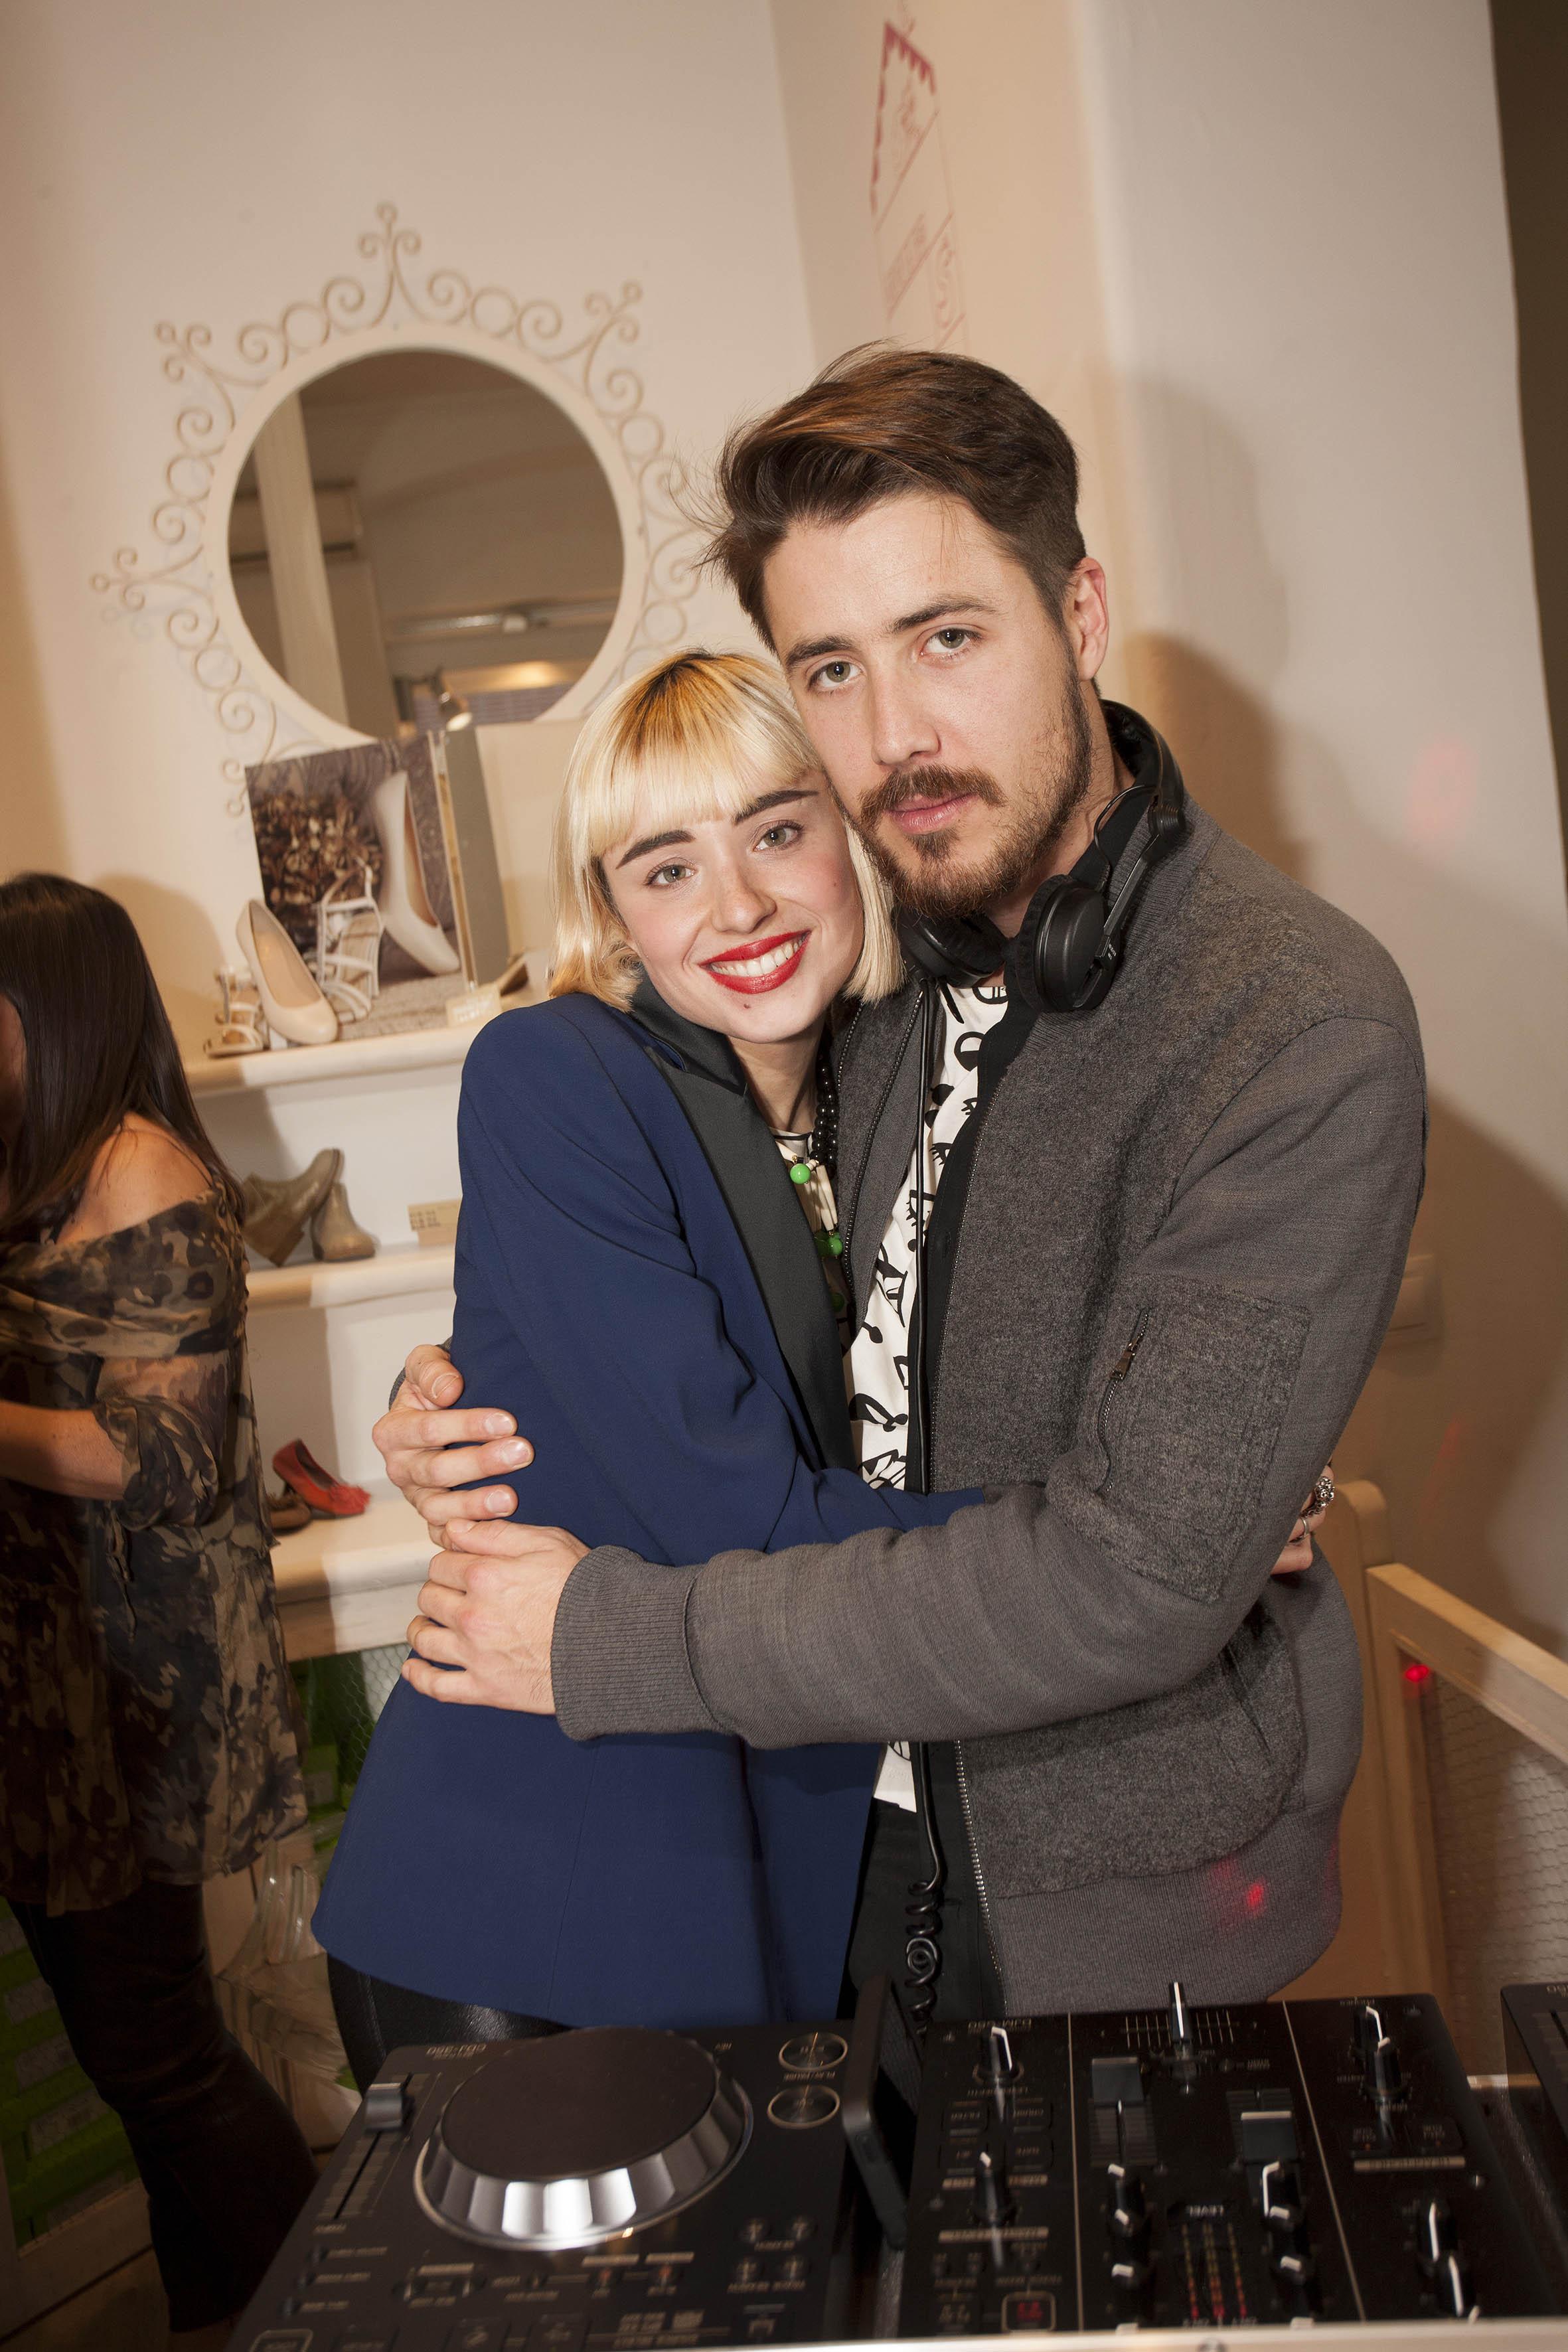 Miranda y su novio Pascal Moscheni, con camiseta Calypso de la coleccion MIranda for Lydia